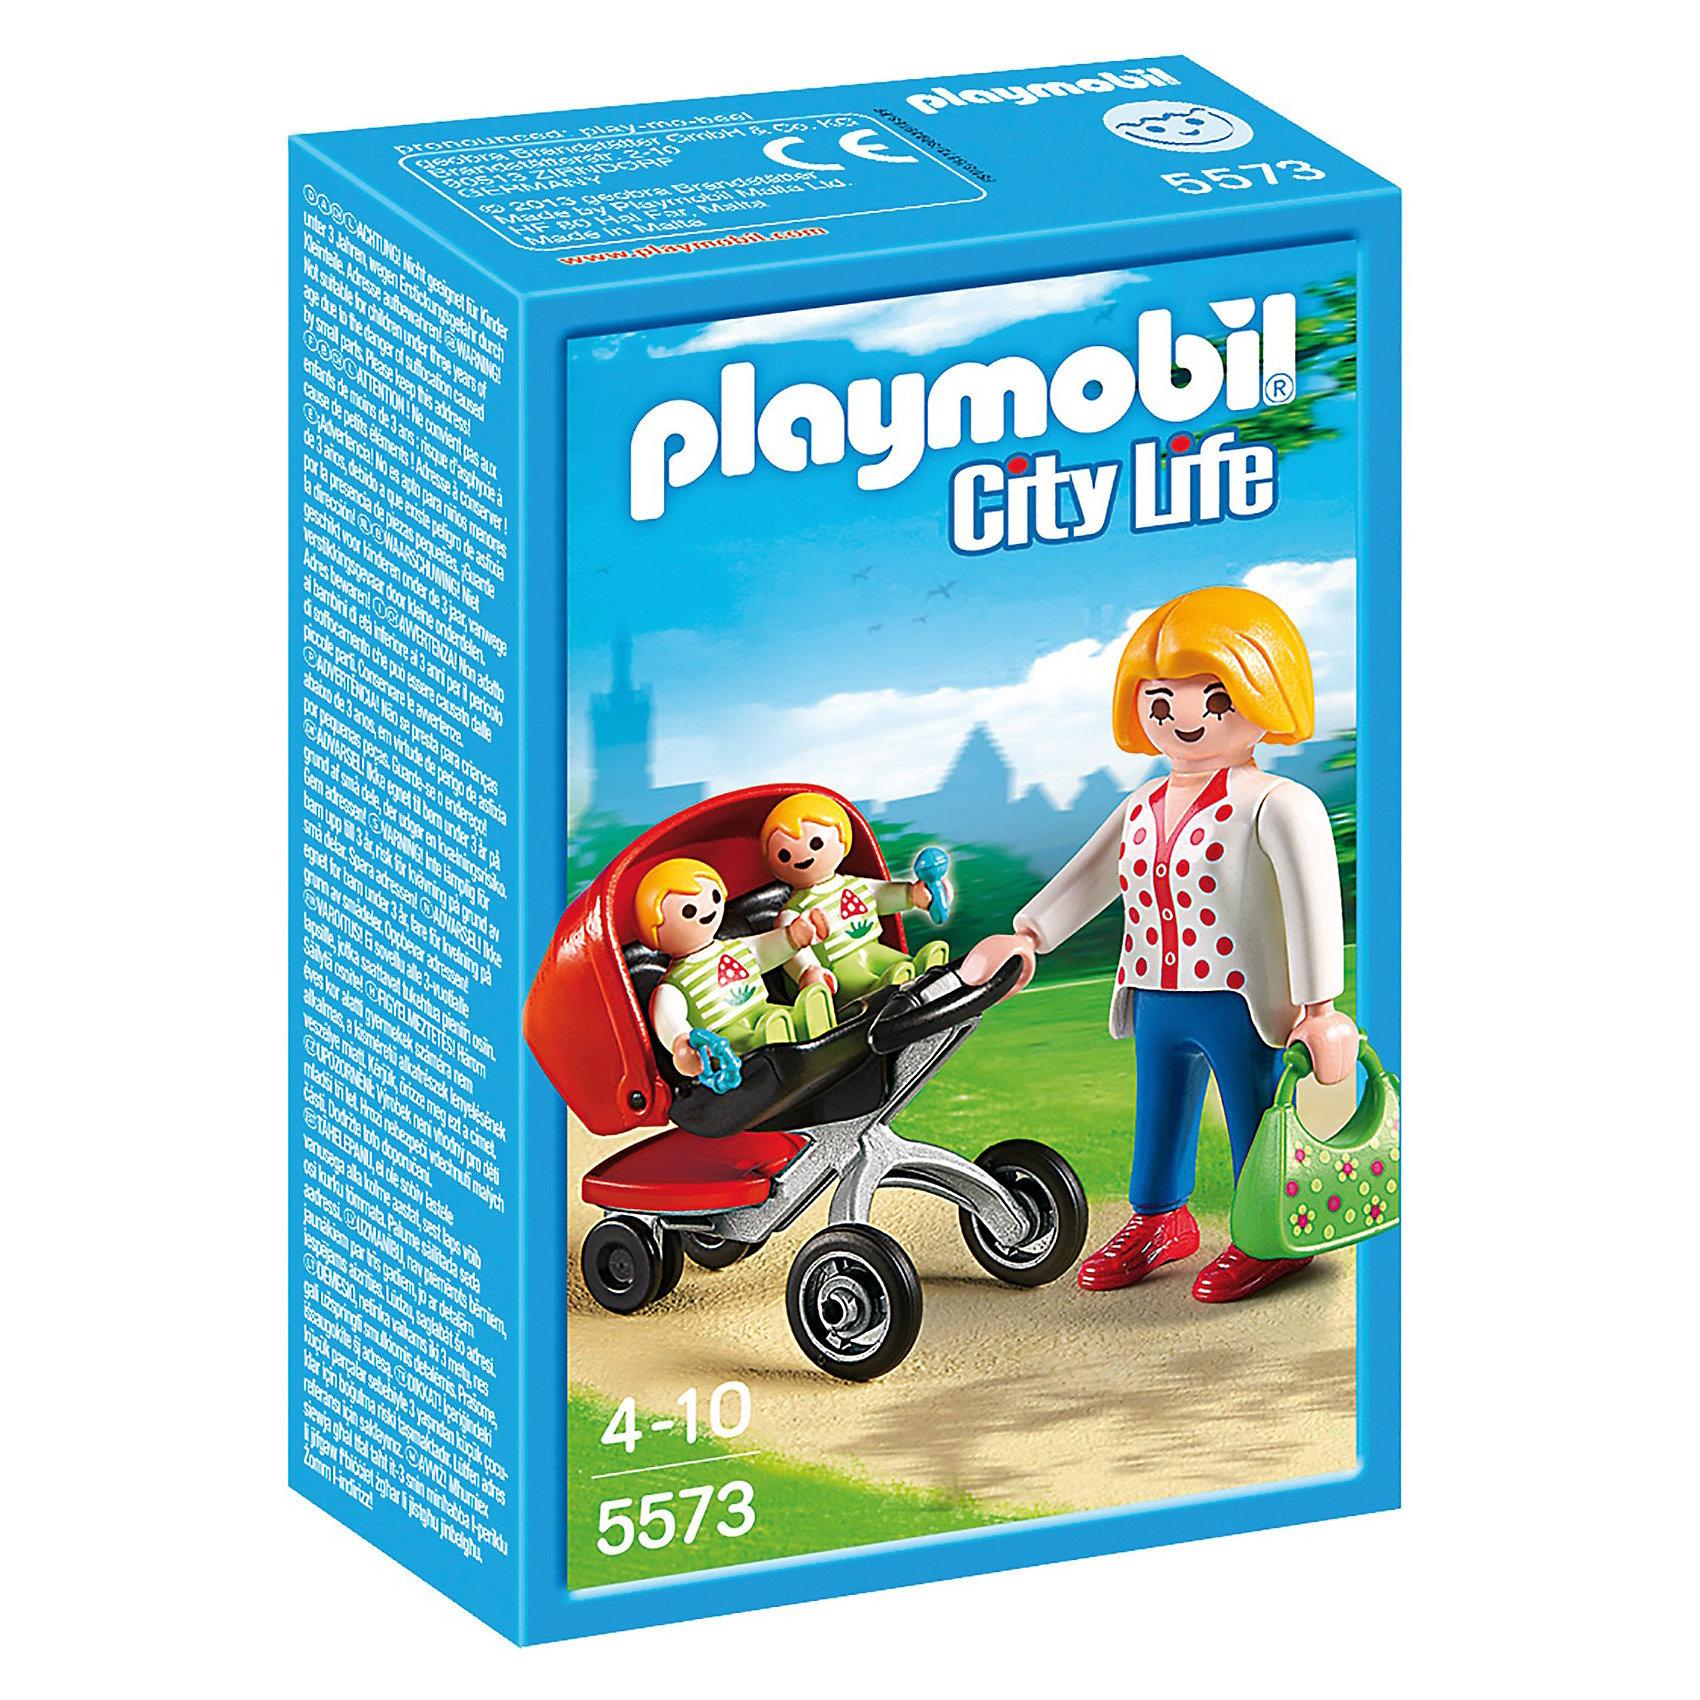 PLAYMOBIL® Детский сад: Мама с близнецами в коляске, PLAYMOBIL playmobil 5266 summer fun детский клуб с танц площадкой